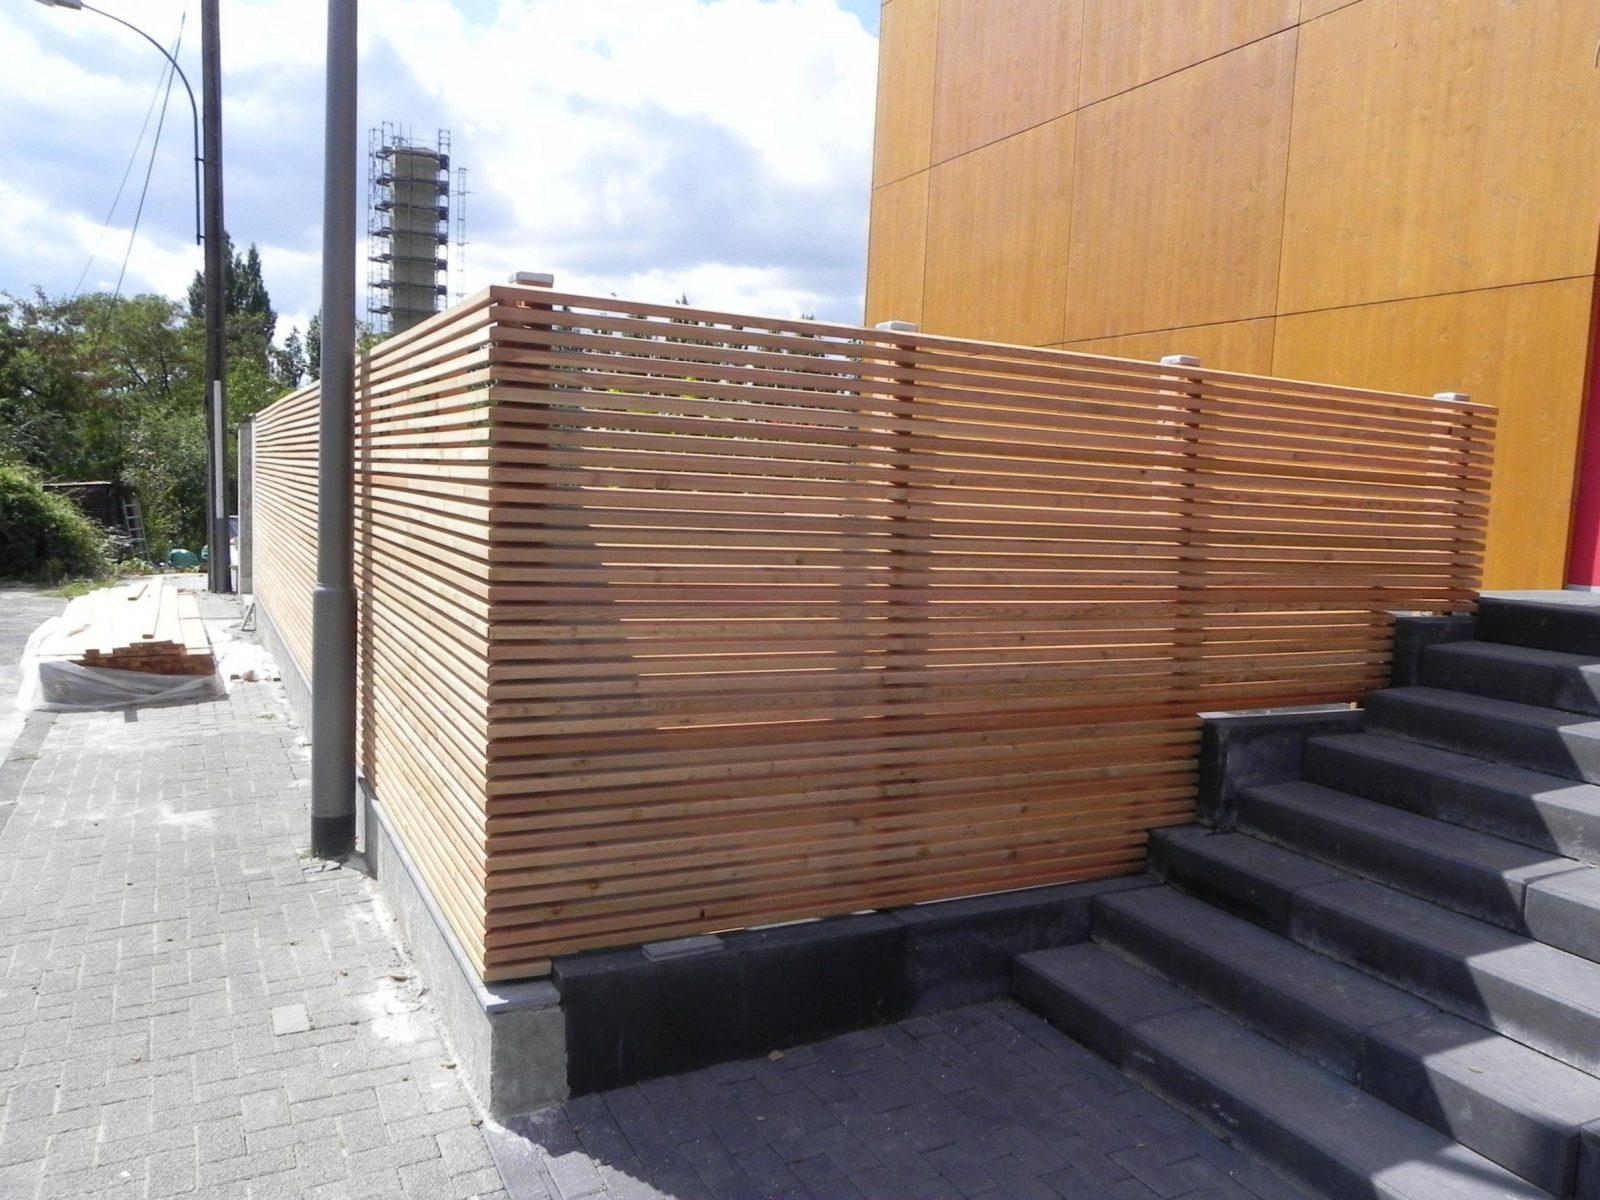 Gartenzaun Holz Sichtschutz Selber Bauen Mit Sichtschutz Aus Holz von Sichtschutz Selber Bauen Holz Bild